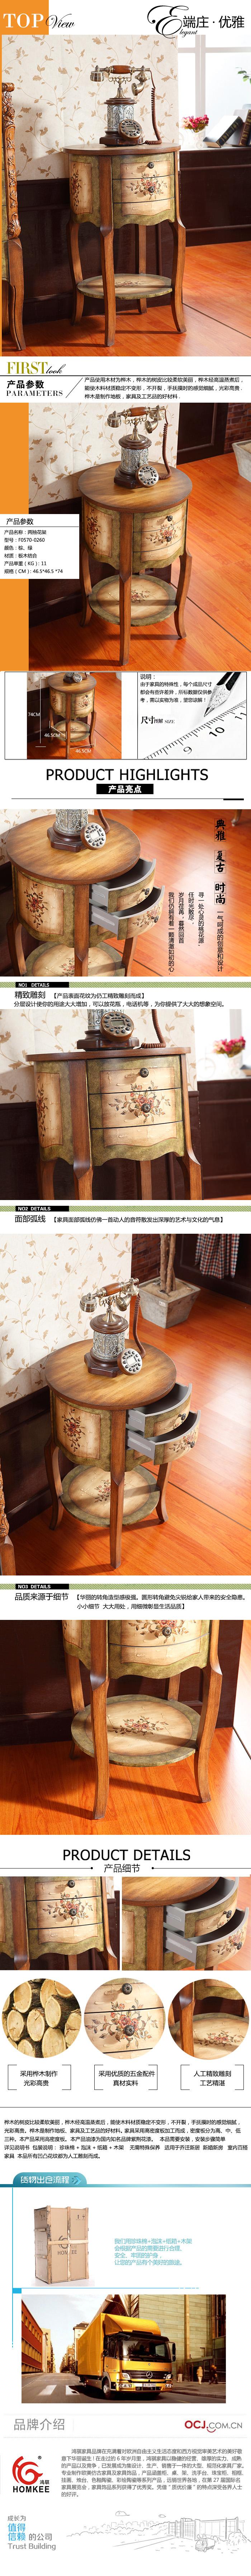 鸿骐|家居摆设,-鸿骐 精致复古欧式手绘玄关台